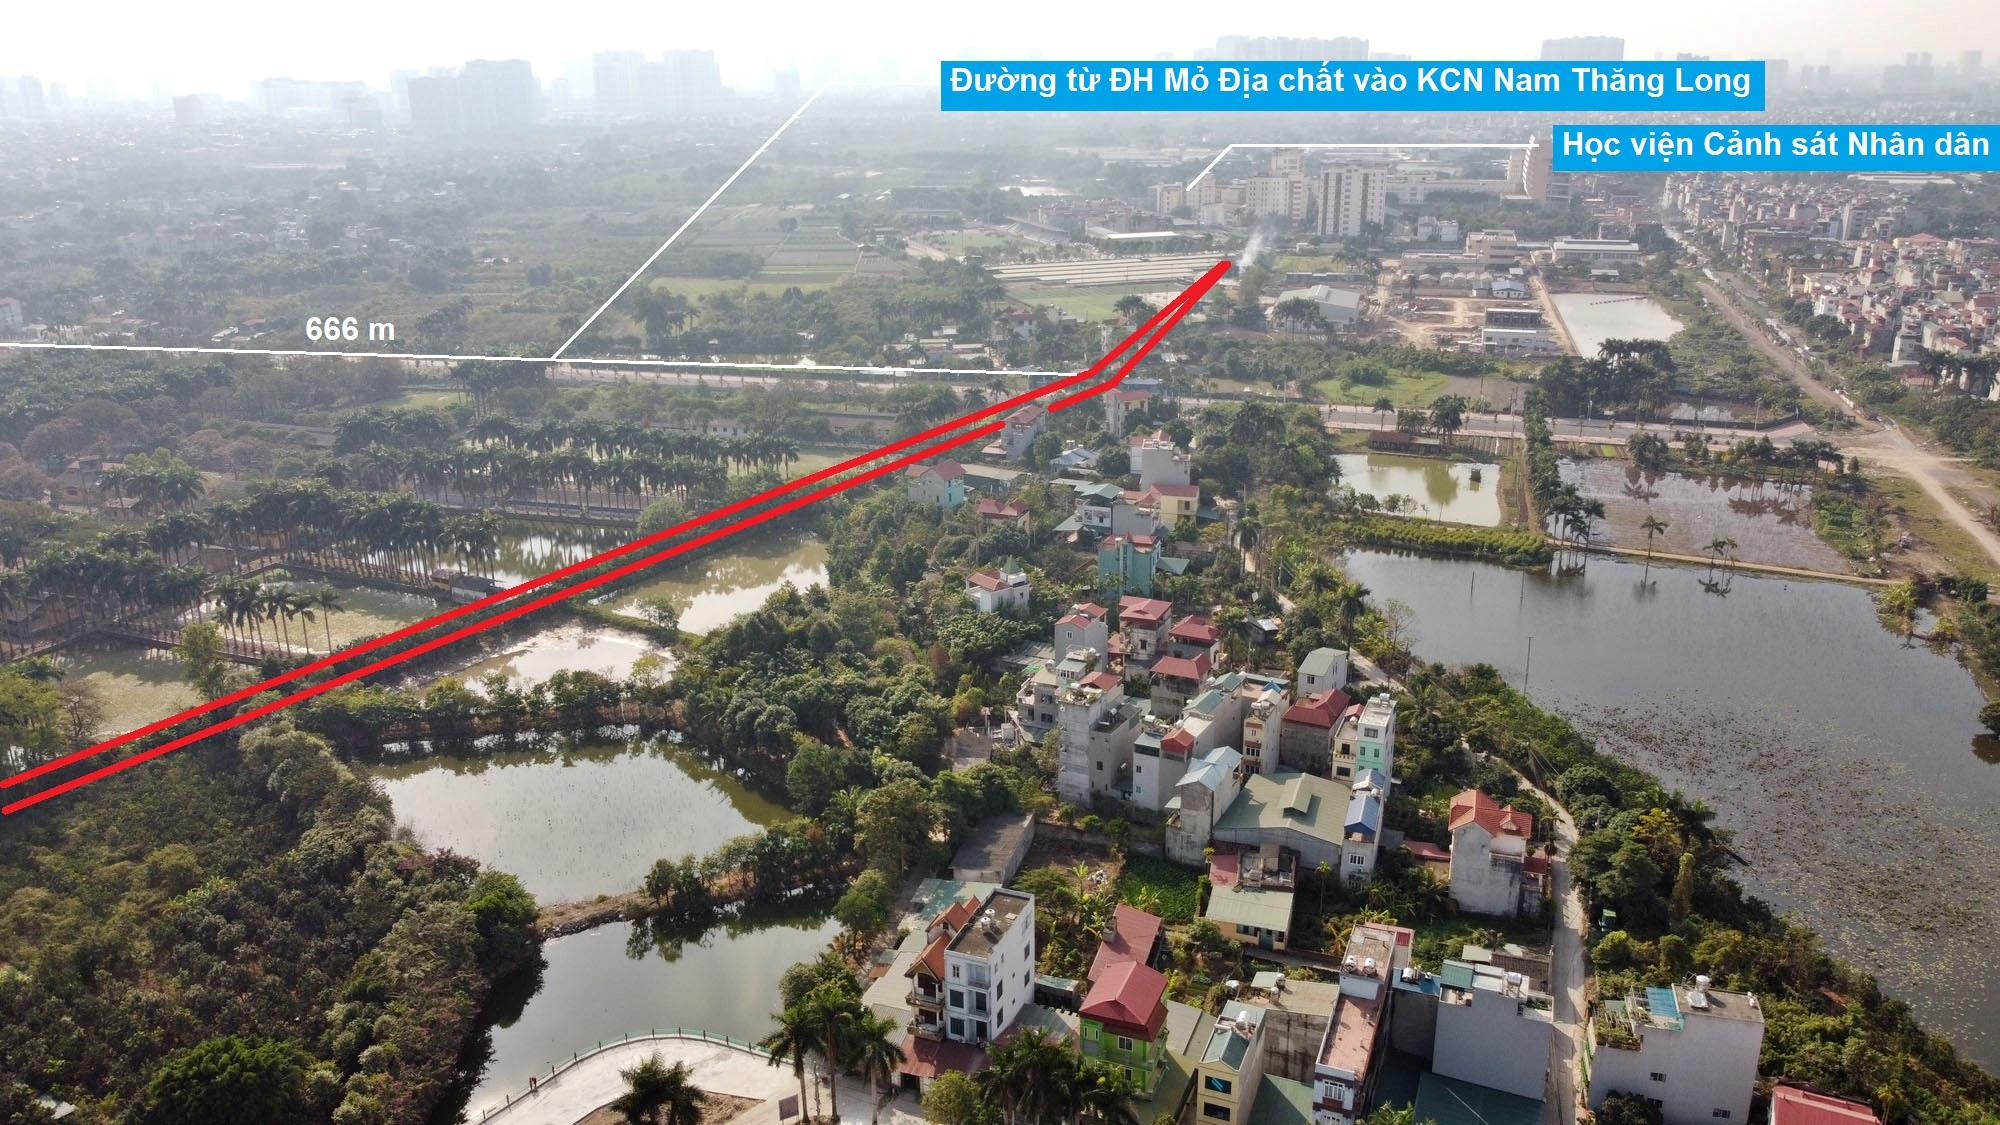 Ba đường sẽ mở theo qui hoạch ở phường Thụy Phương, Bắc Từ Liêm, Hà Nội (phần 2) - Ảnh 3.